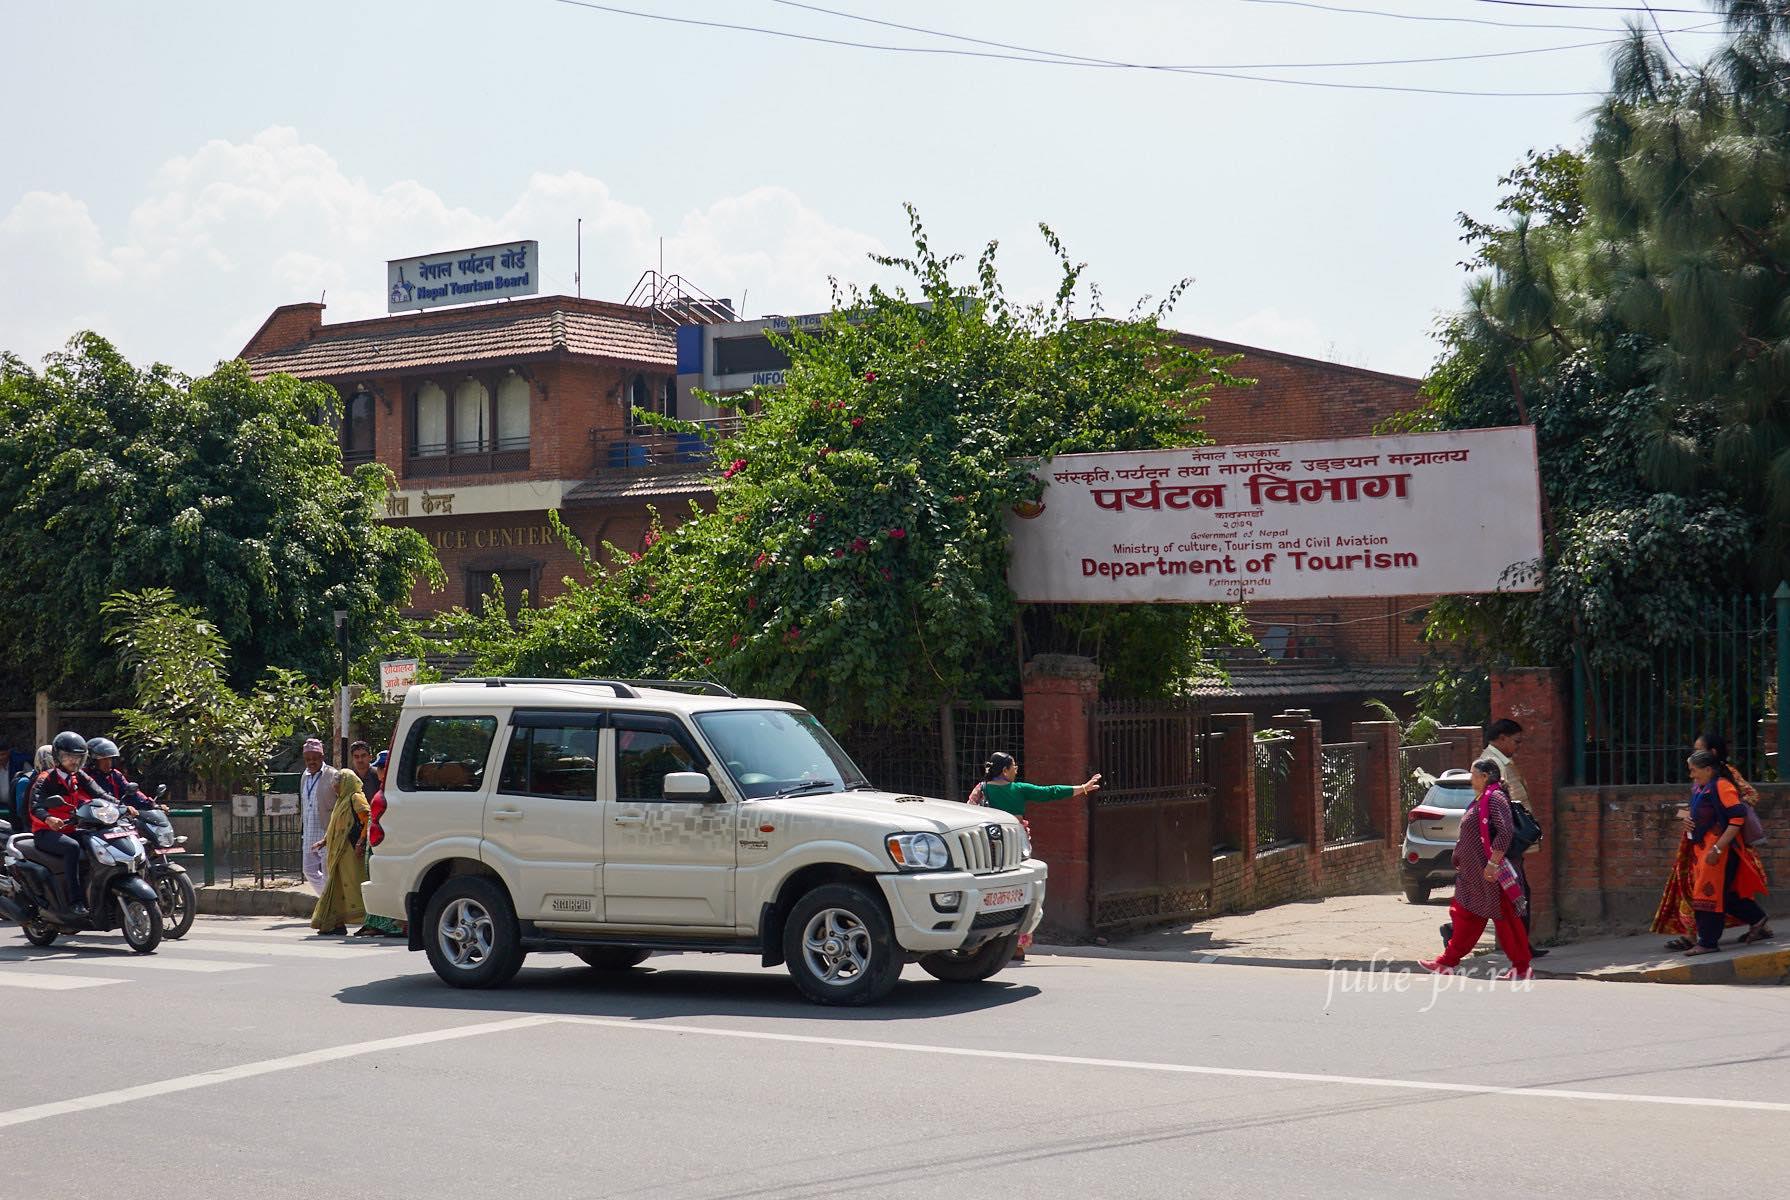 Непал, Катманду, пермит, NTB